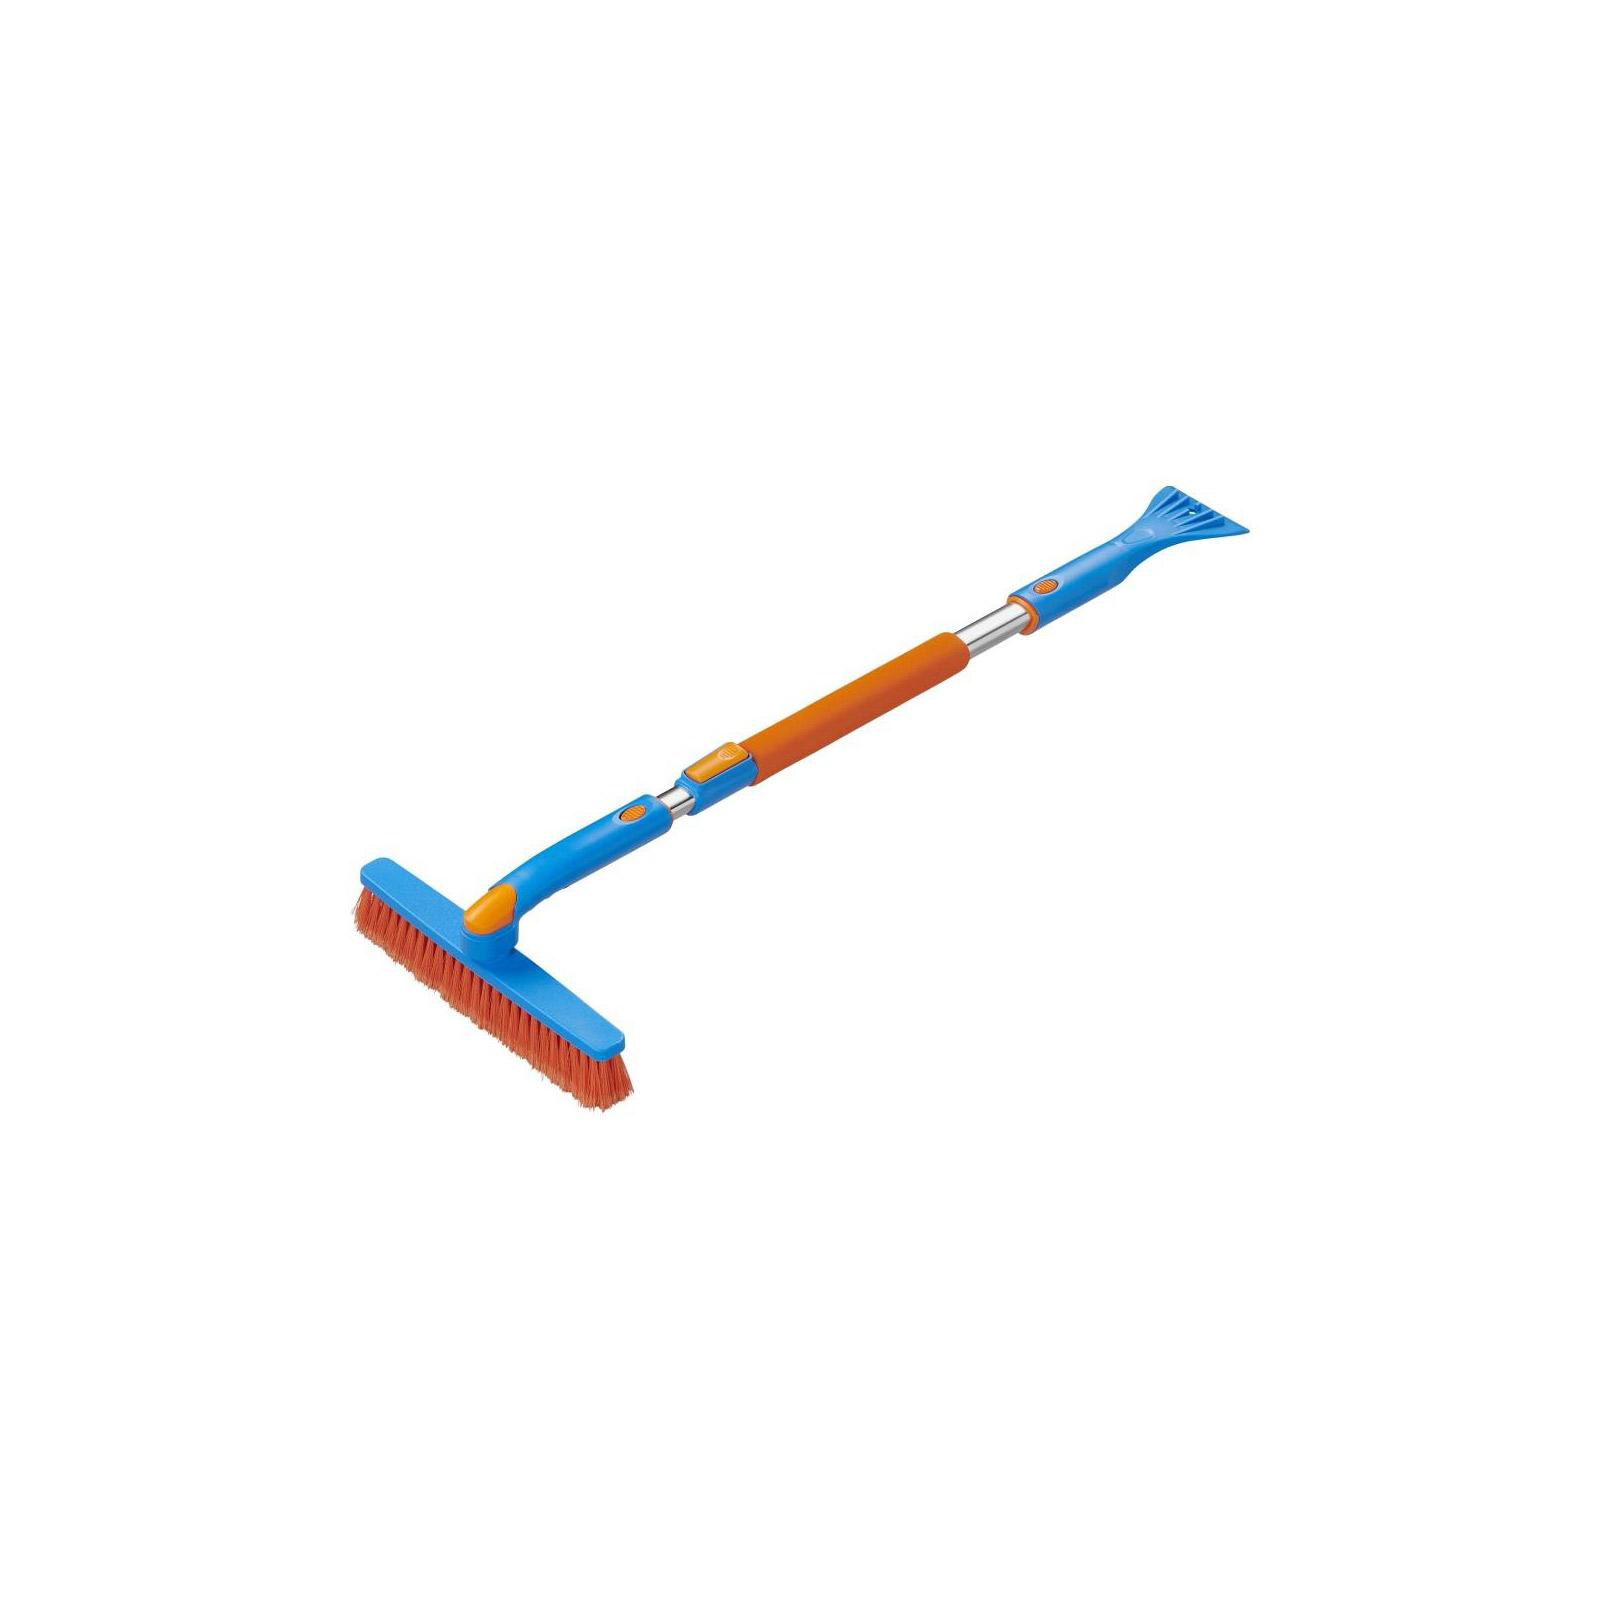 Schneebürste Eiskratzer| XXL Version | teleskopierbar | 99-127cm | weiche Borsten